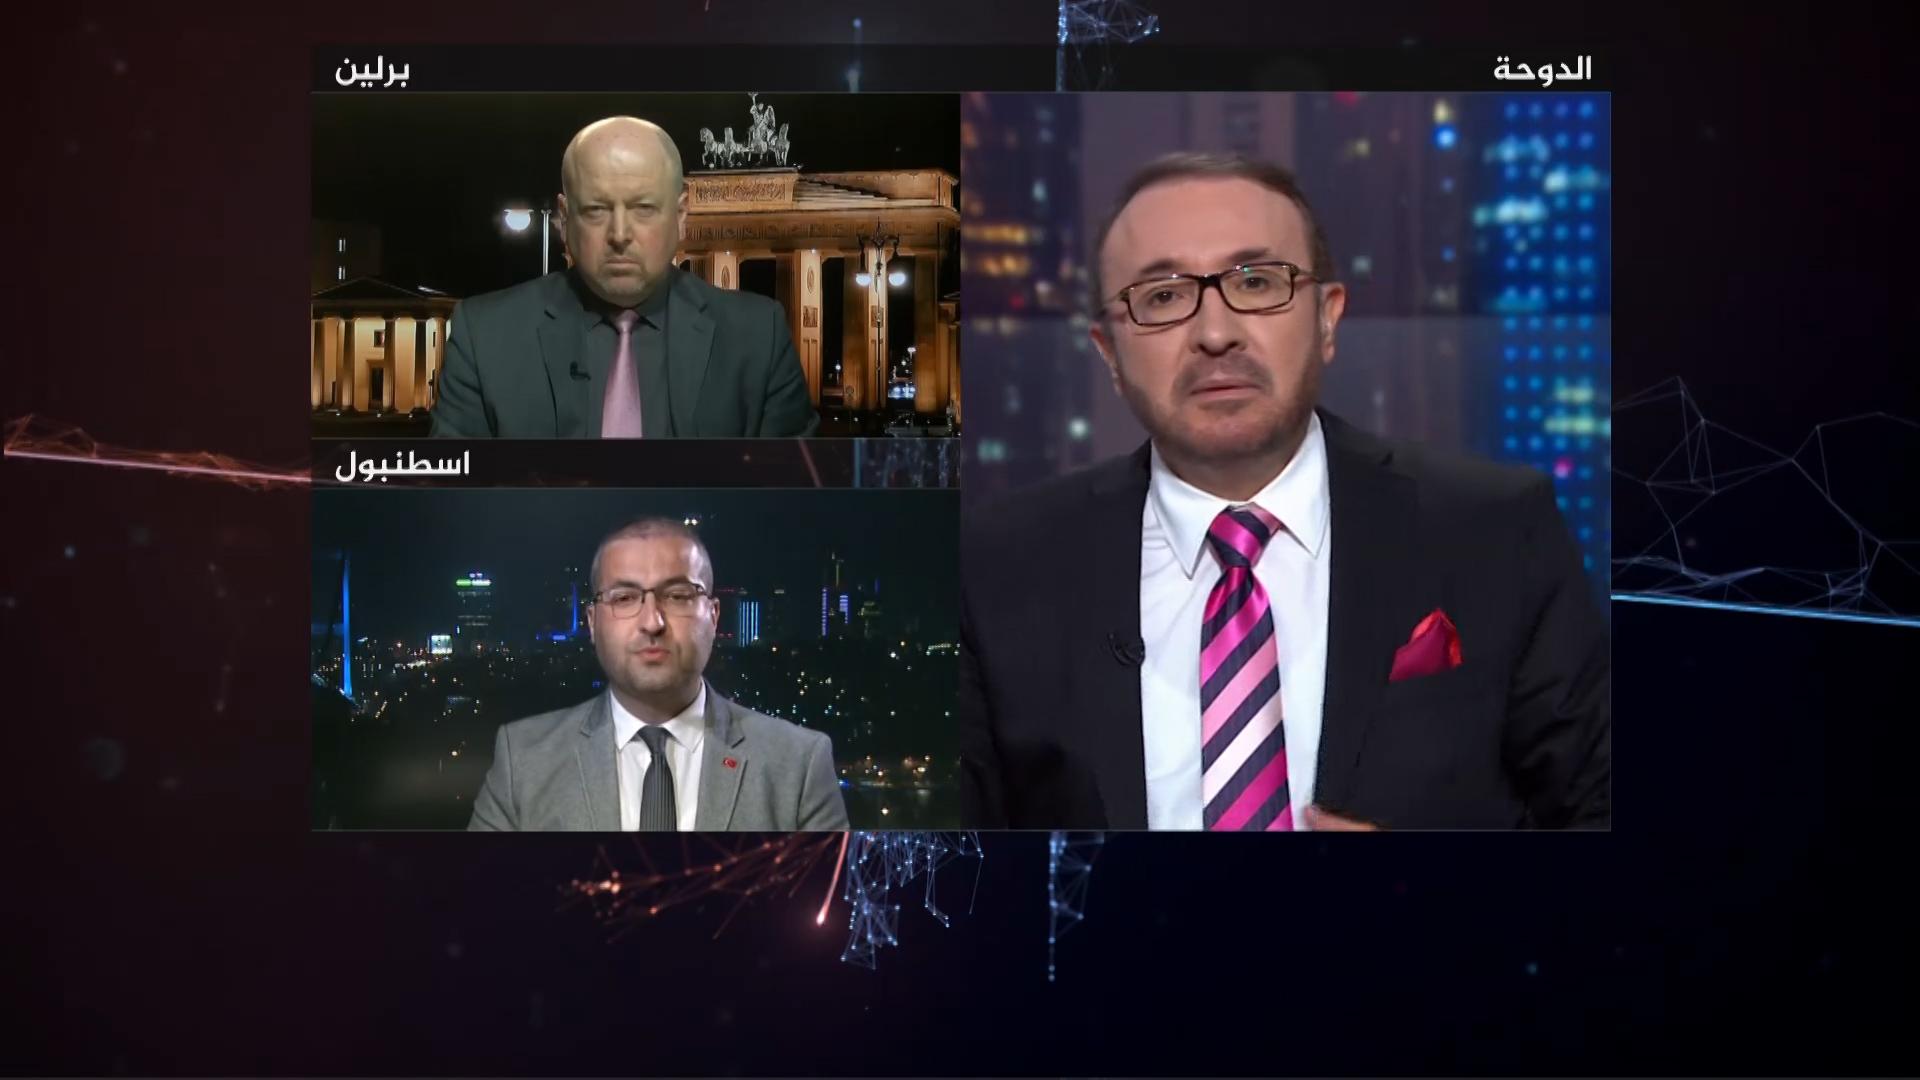 """شاهد: عبد المسيح الشامي ينسحب من برنامج """"الاتجاه المعاكس"""" بسبب الحديث عن """"آيا صوفيا"""""""